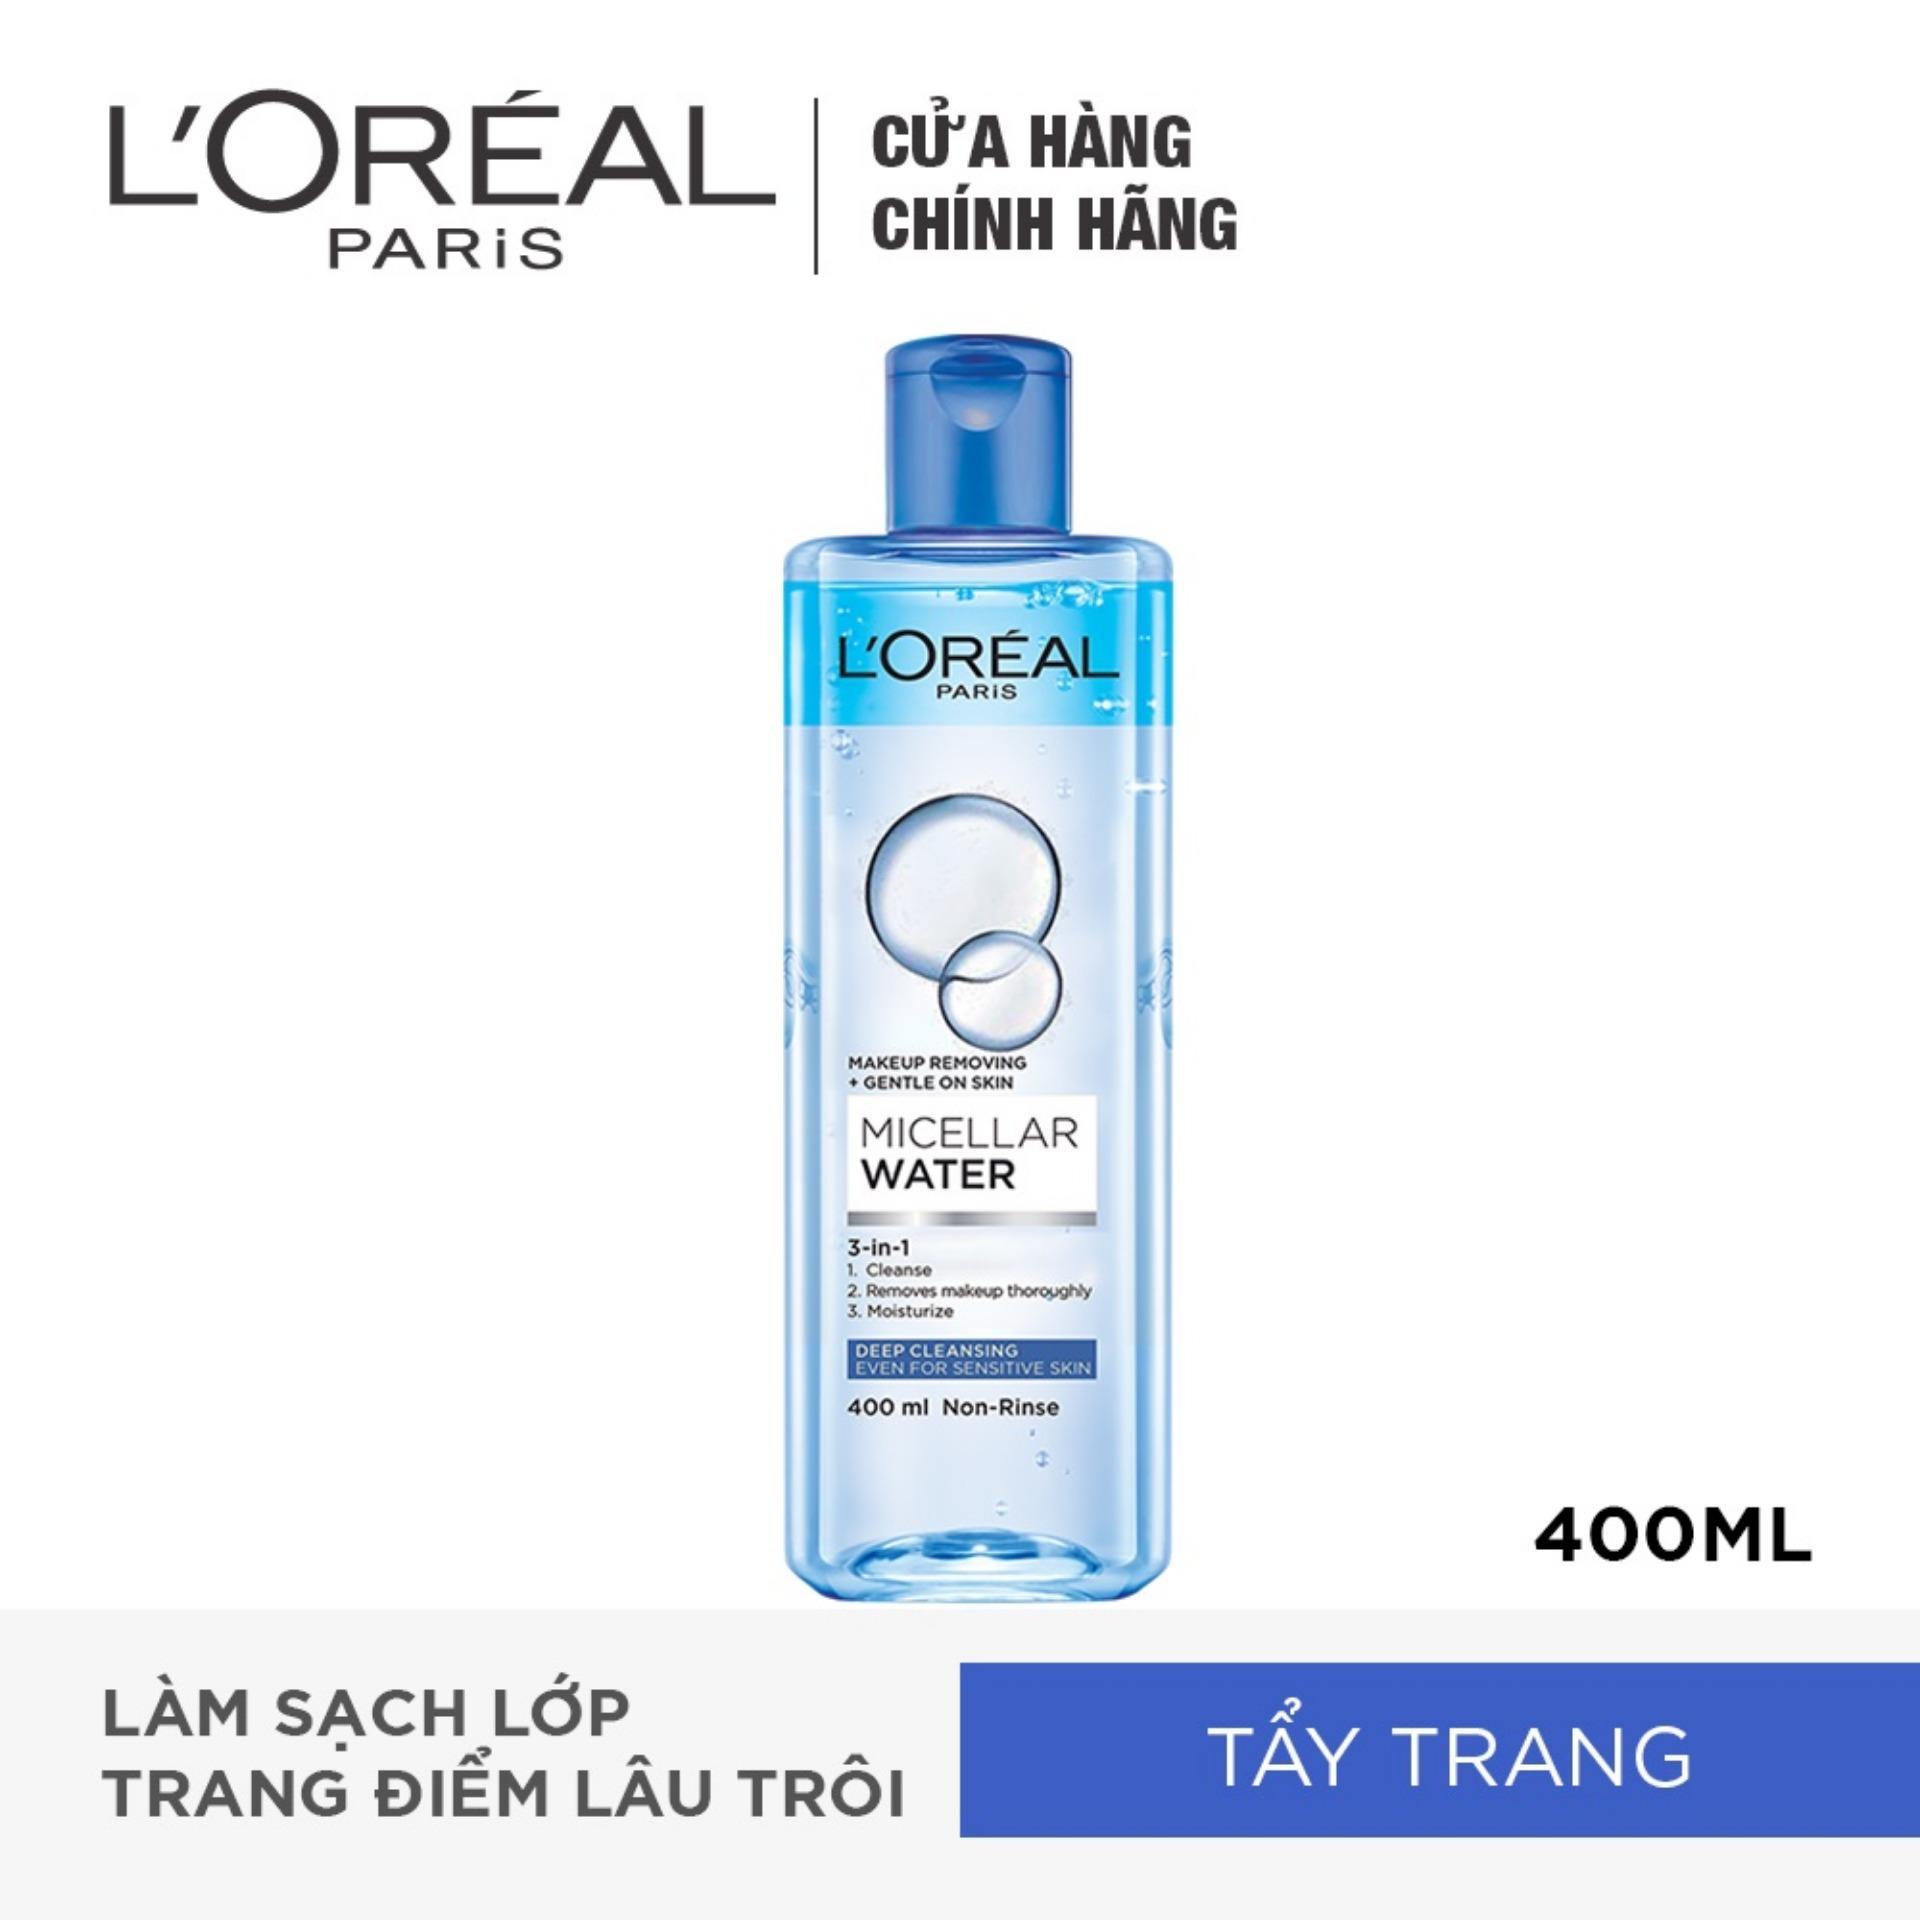 Nước tẩy trang đa năng 3-in-1 L'Oreal Paris Micellar làm sạch sâu 400ml (xanh dương đậm)